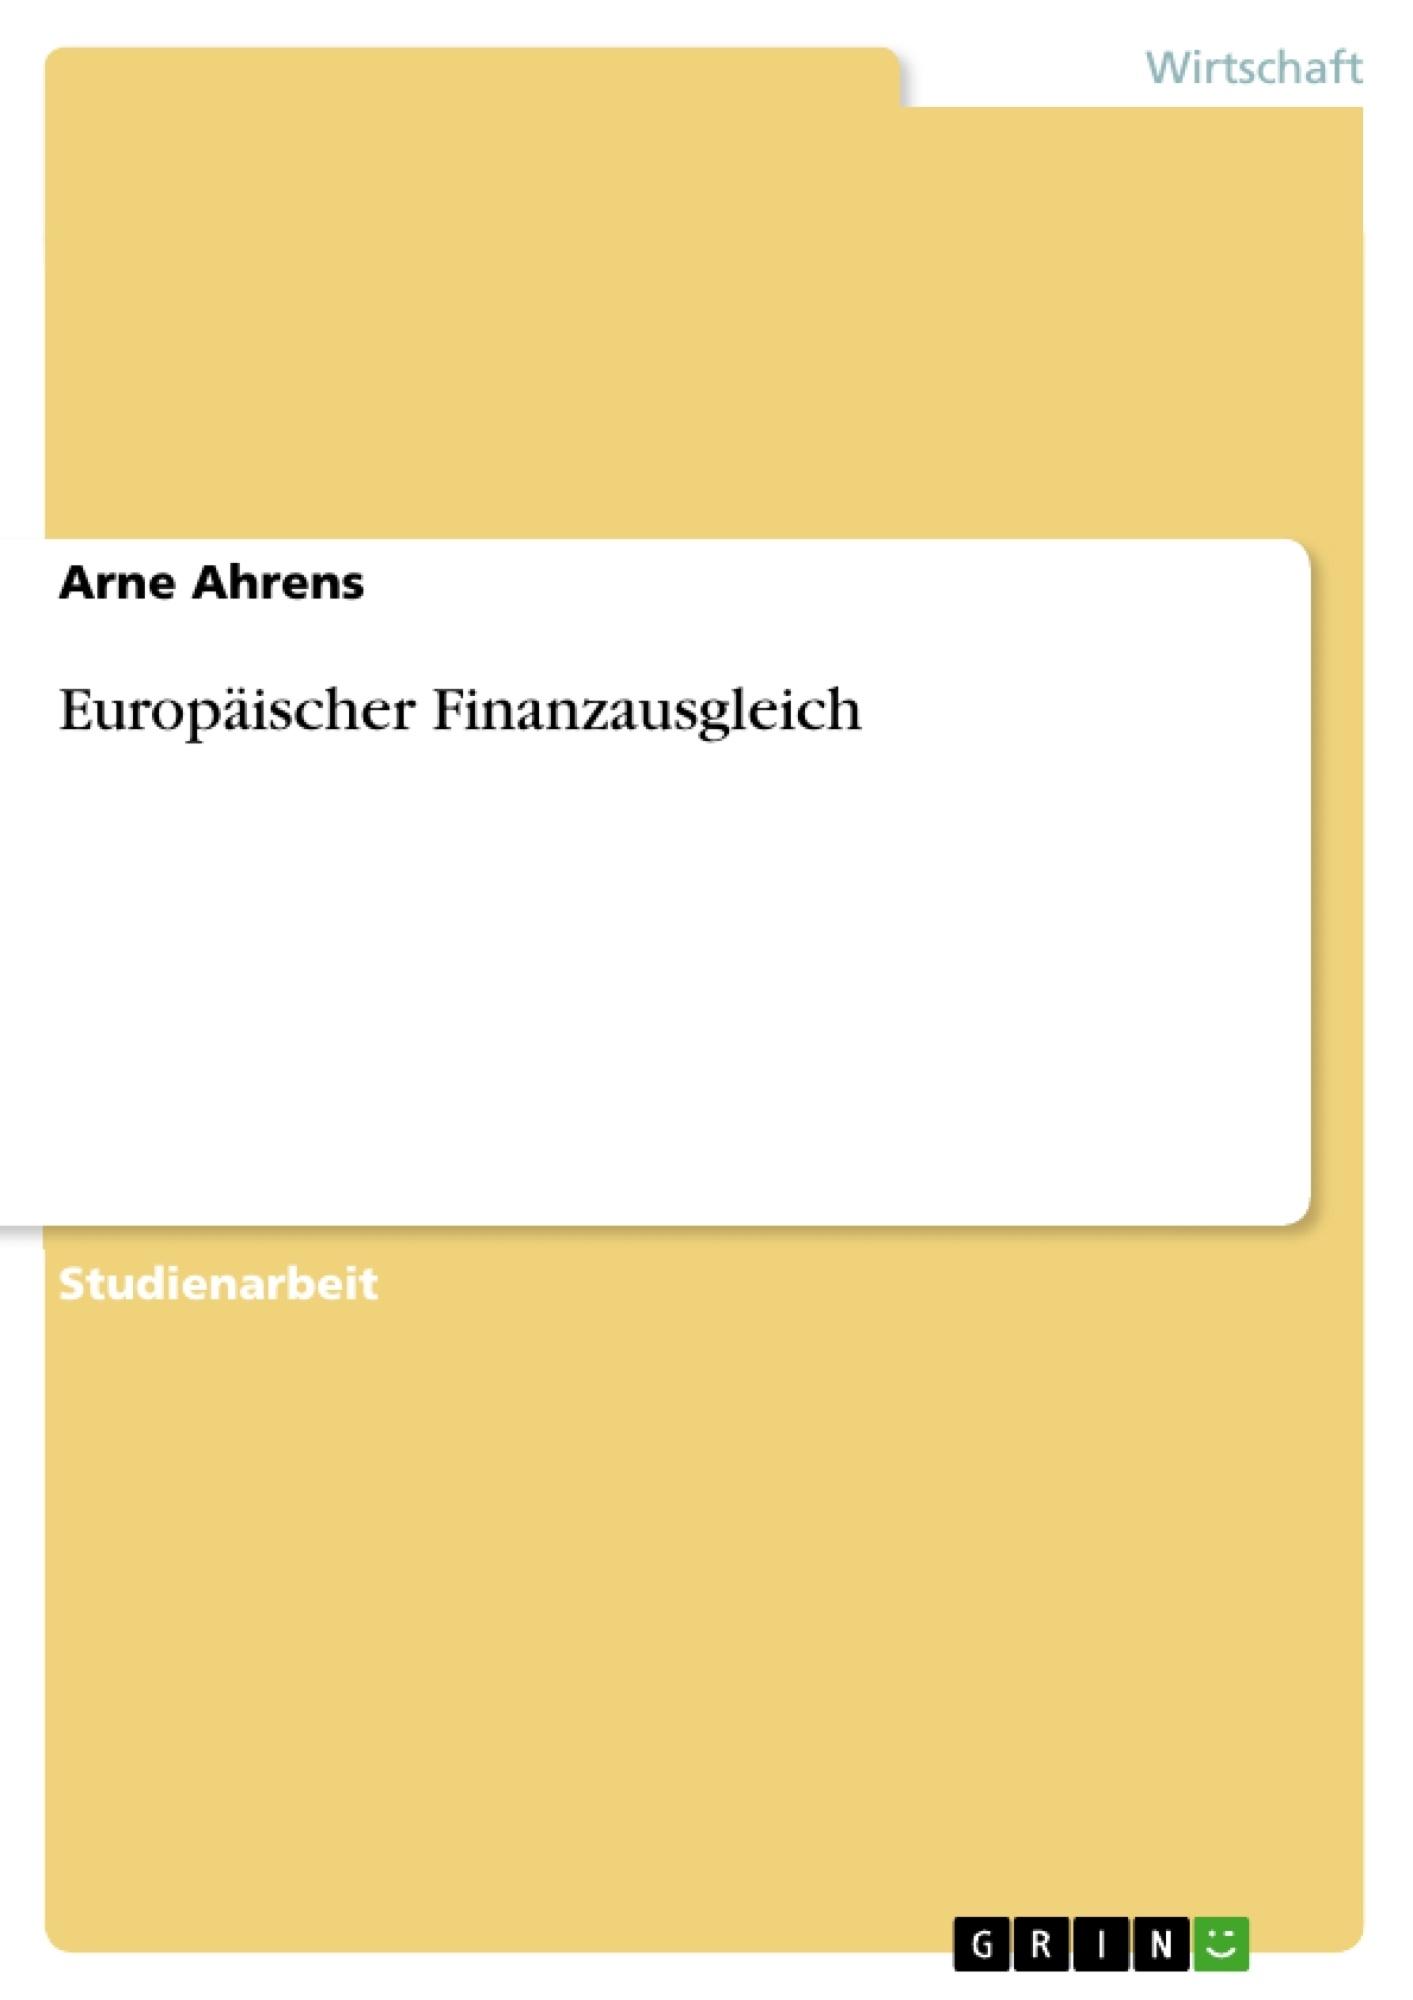 Titel: Europäischer Finanzausgleich